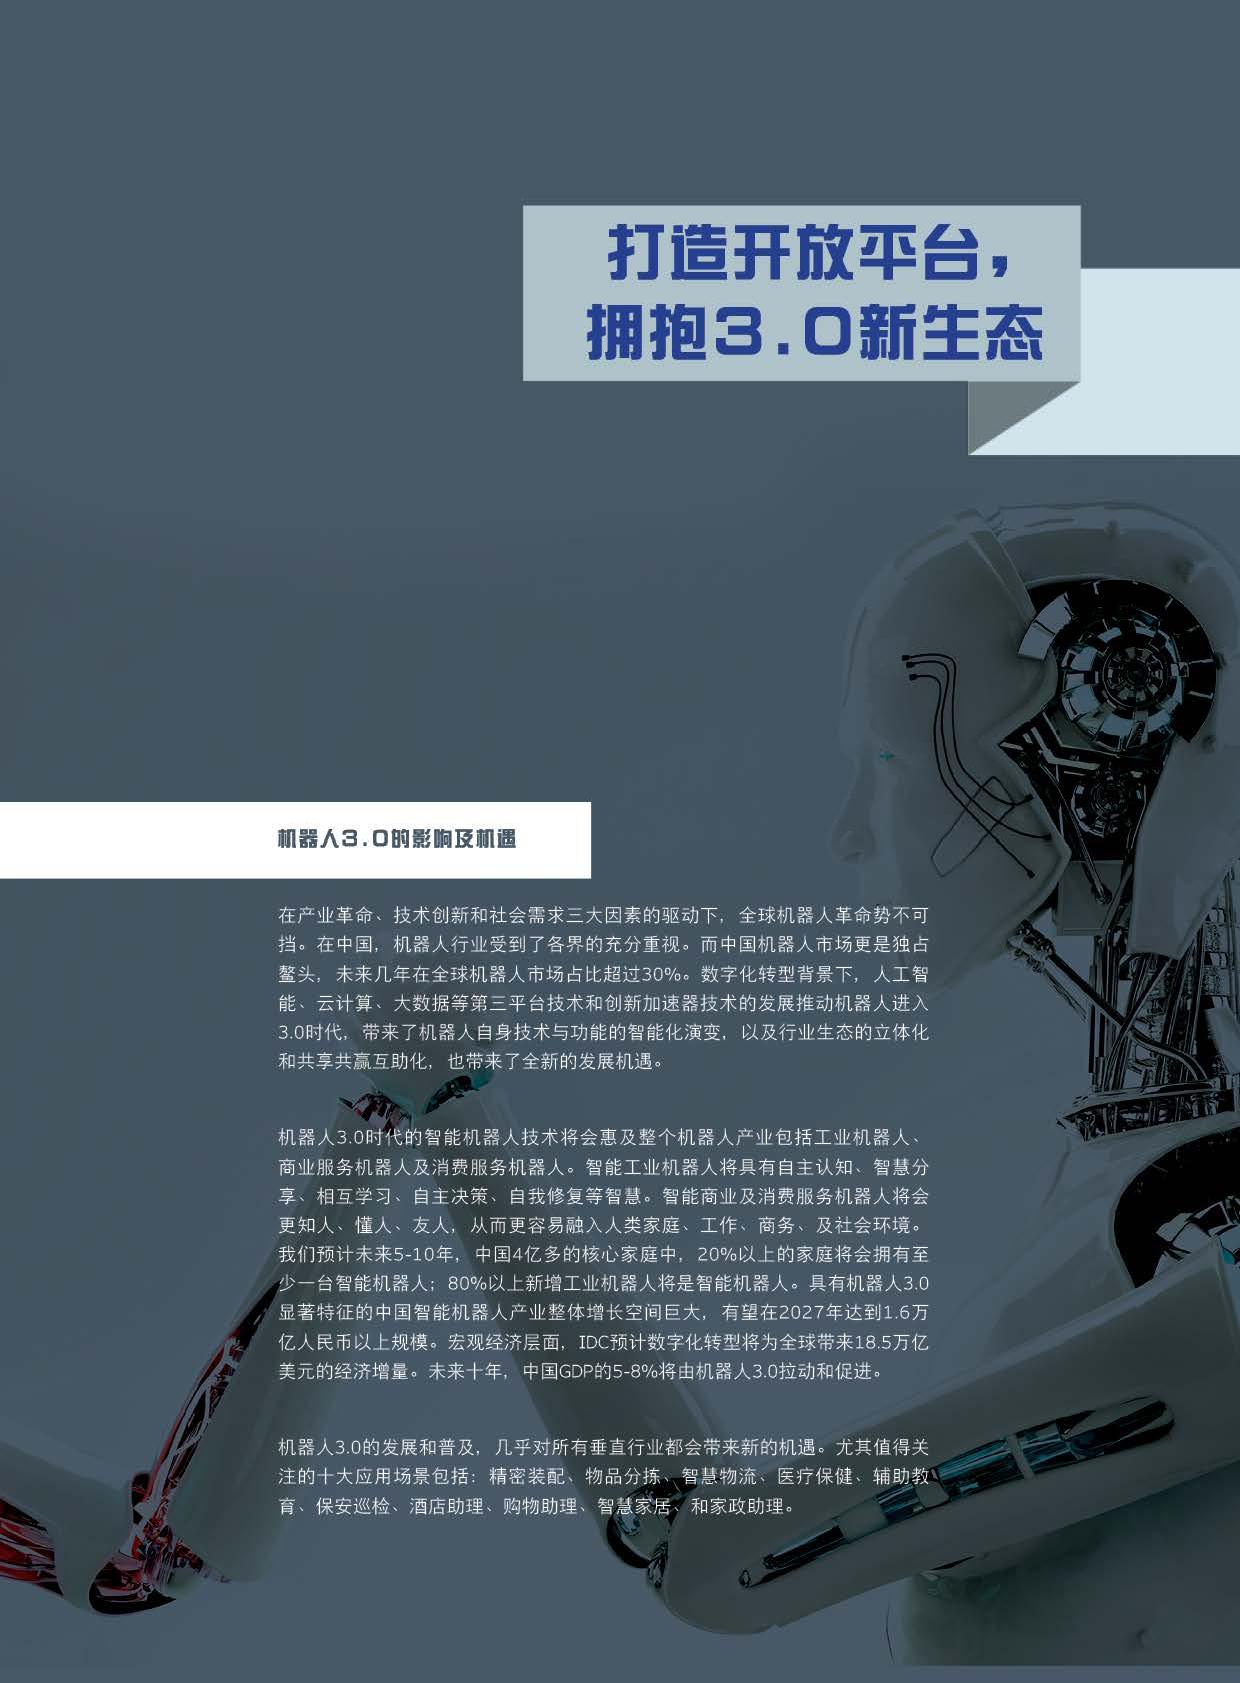 人工智能时代的机器人3.0新生态(IDC&CAICT)